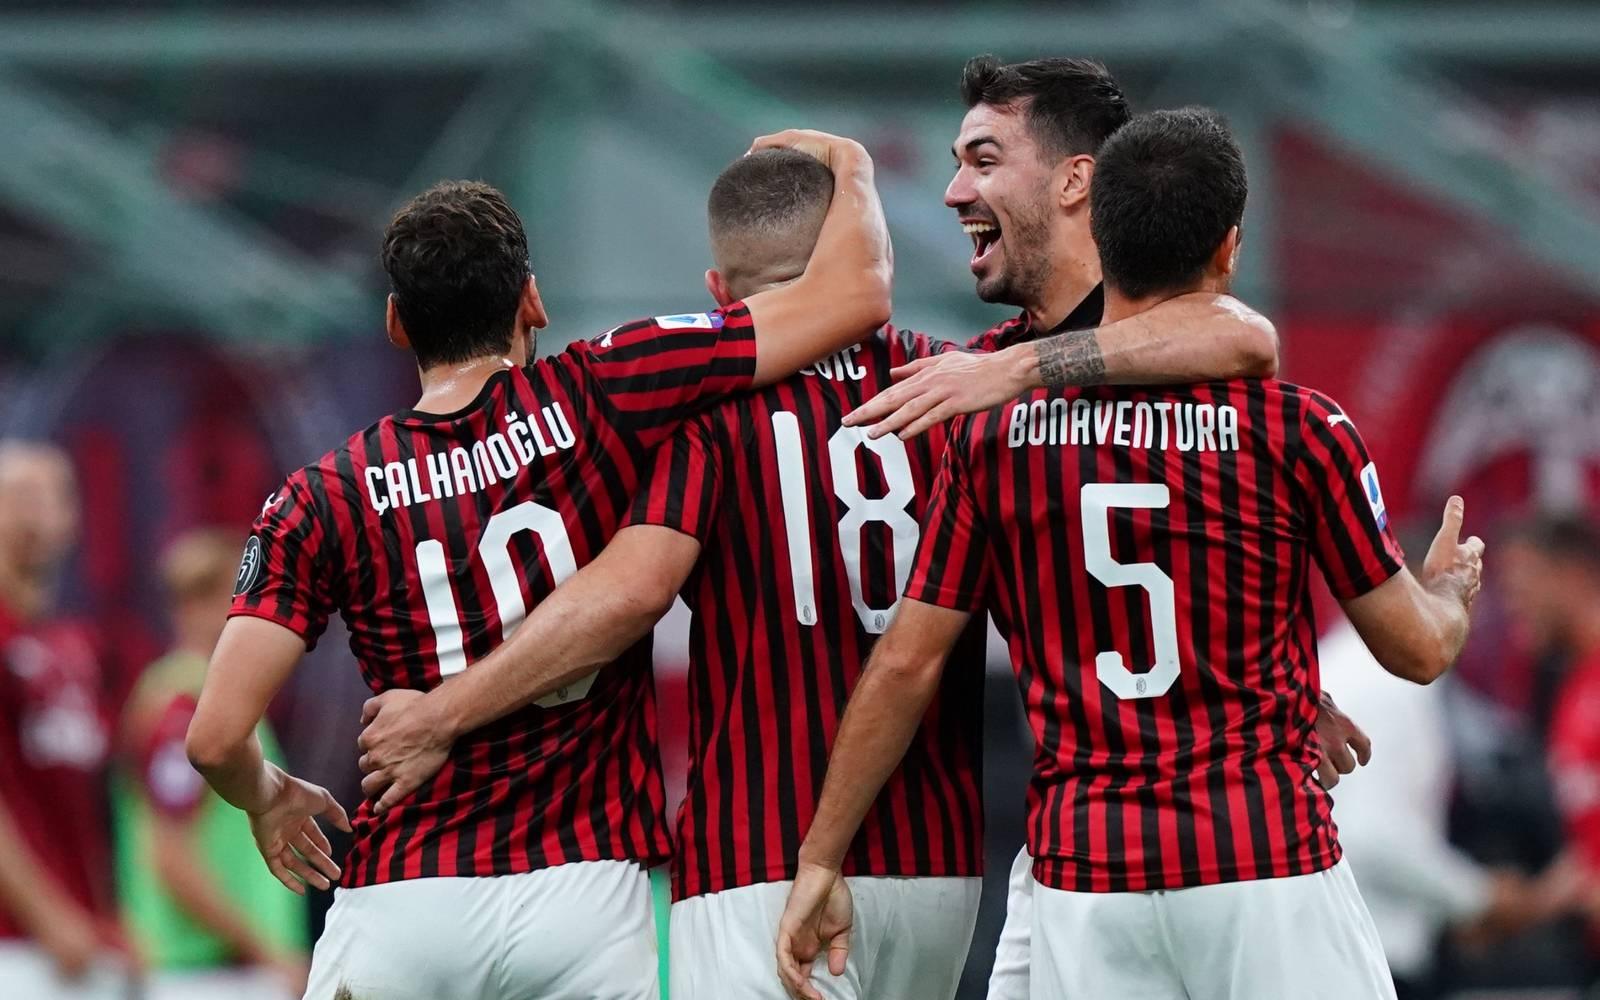 ITA, Serie A, AC Milan vs Juventus Turin